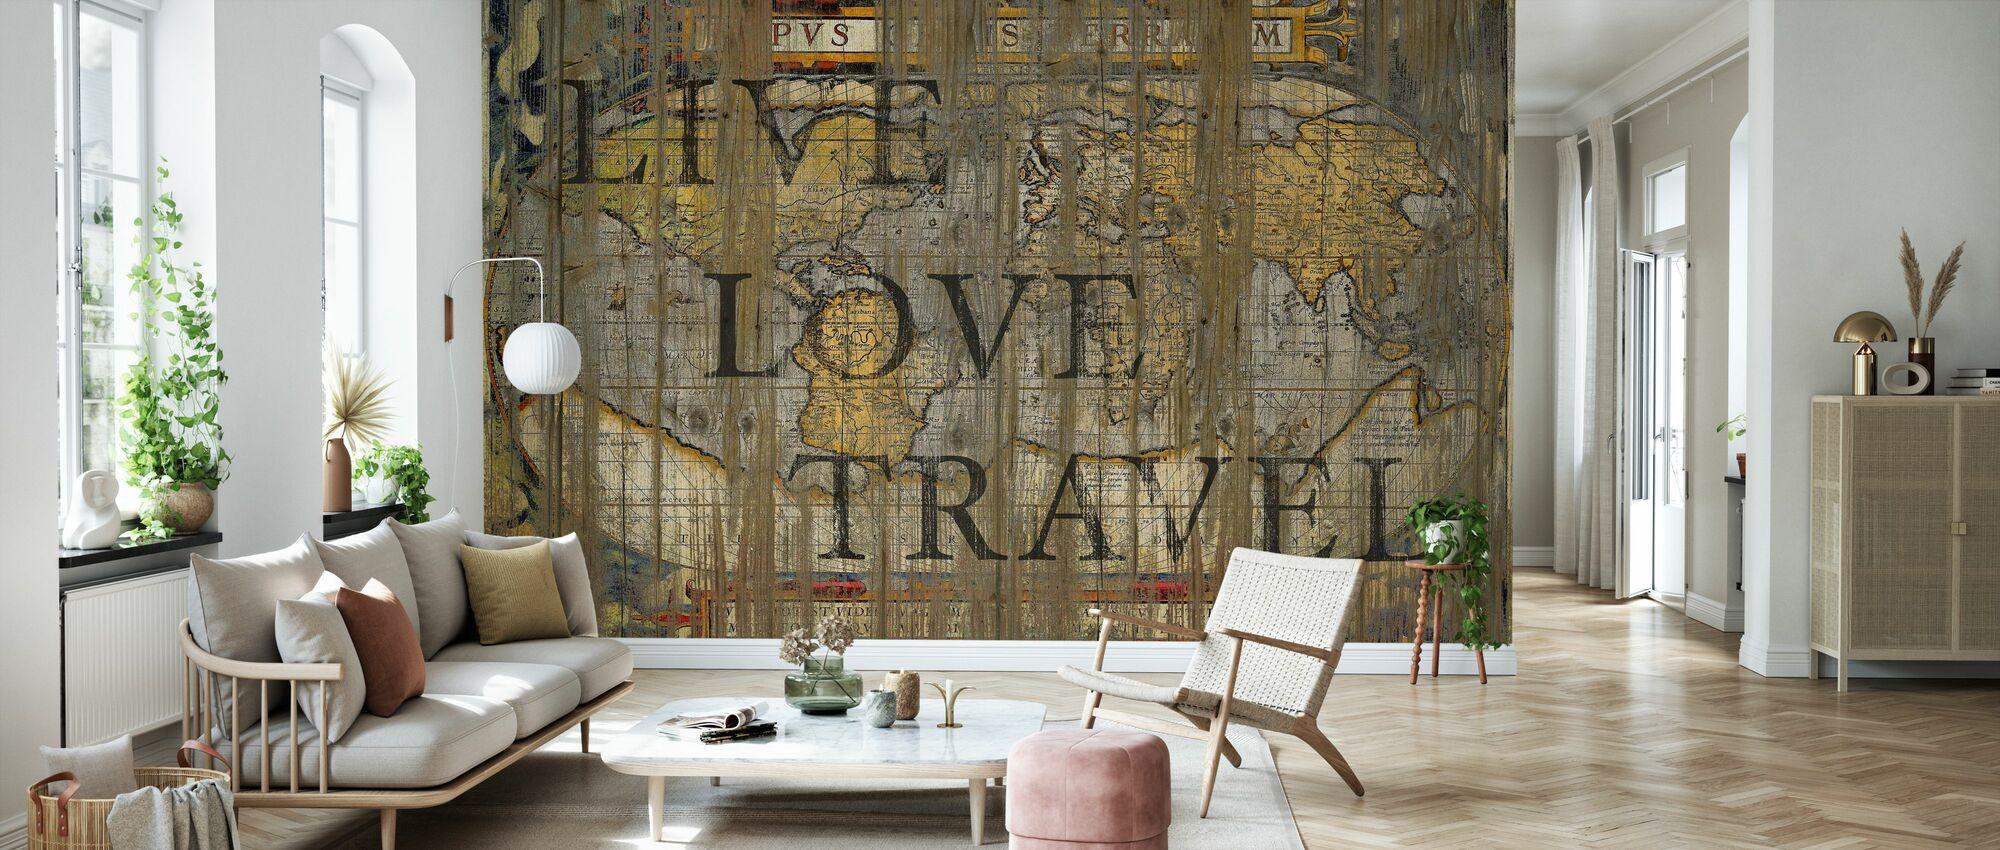 Live-Liebes-Reisen - Tapete - Wohnzimmer